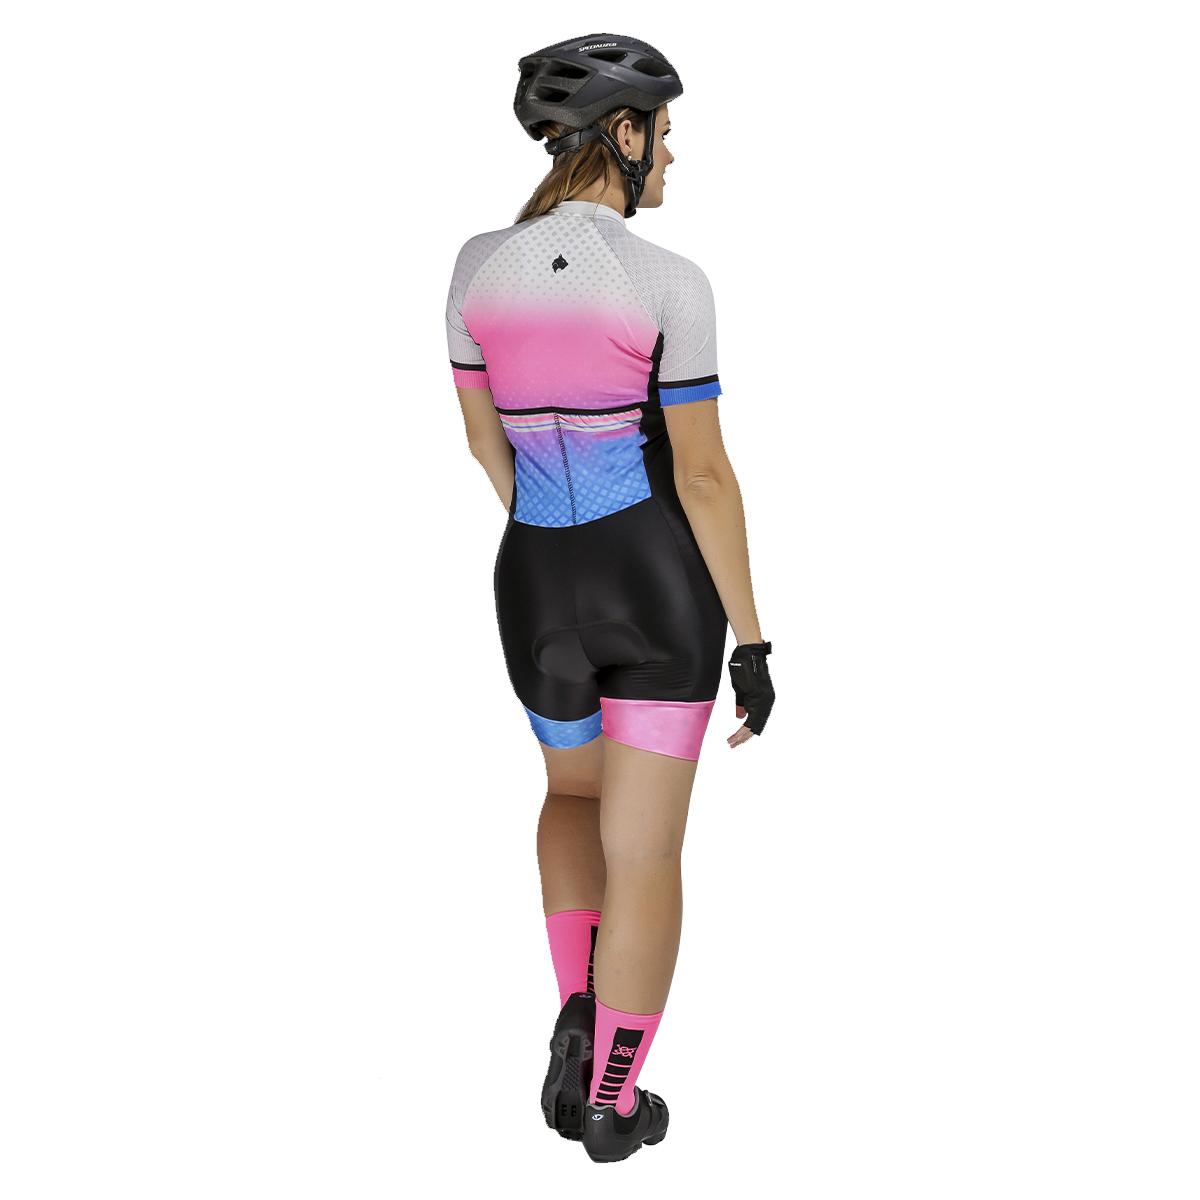 Macaquinho Lynce Feminino Pink Gradiente Square com Pedras Ciclismo